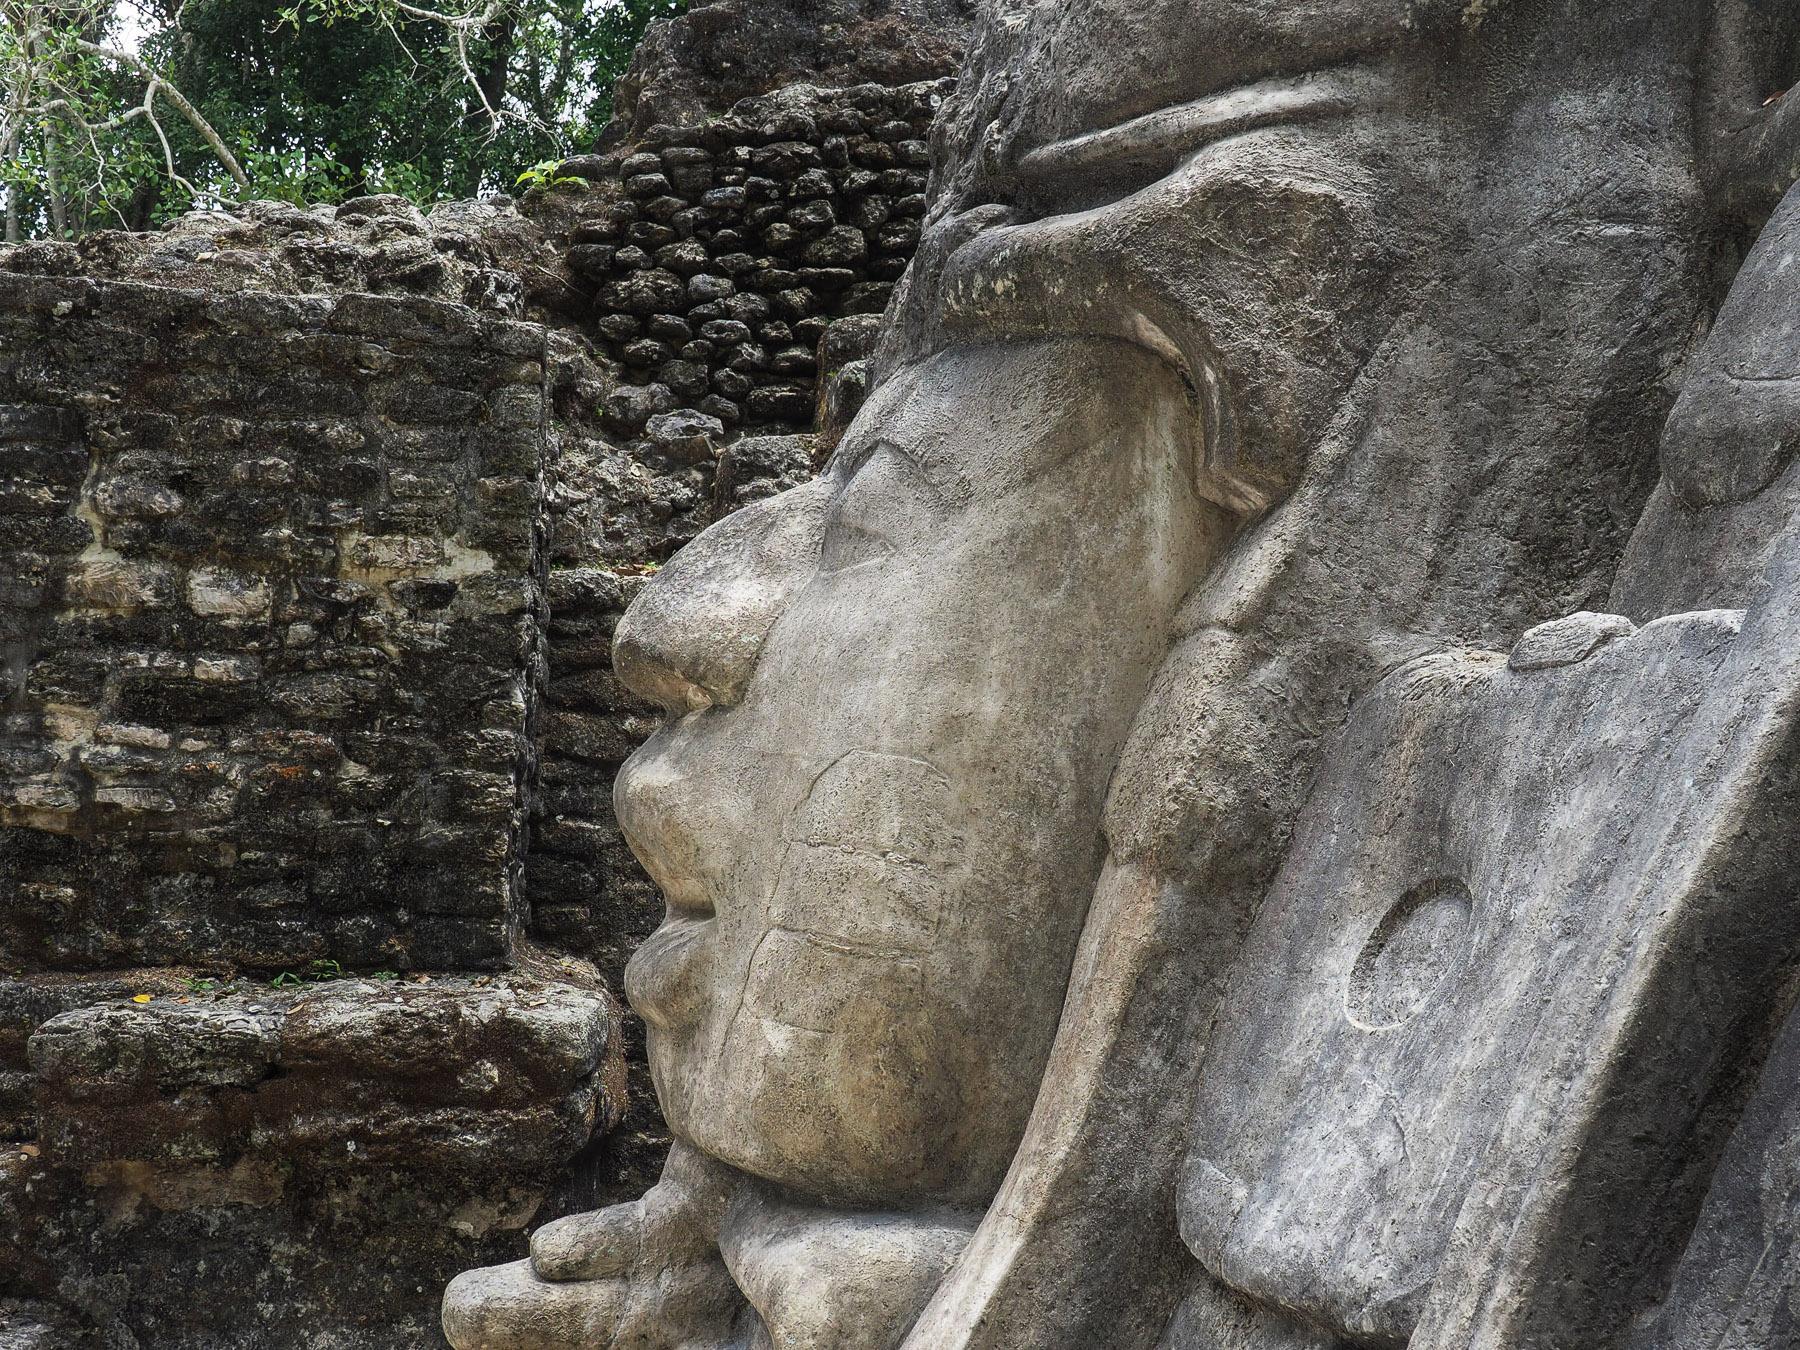 Guterhaltene Steinskulpturen in Lamanai